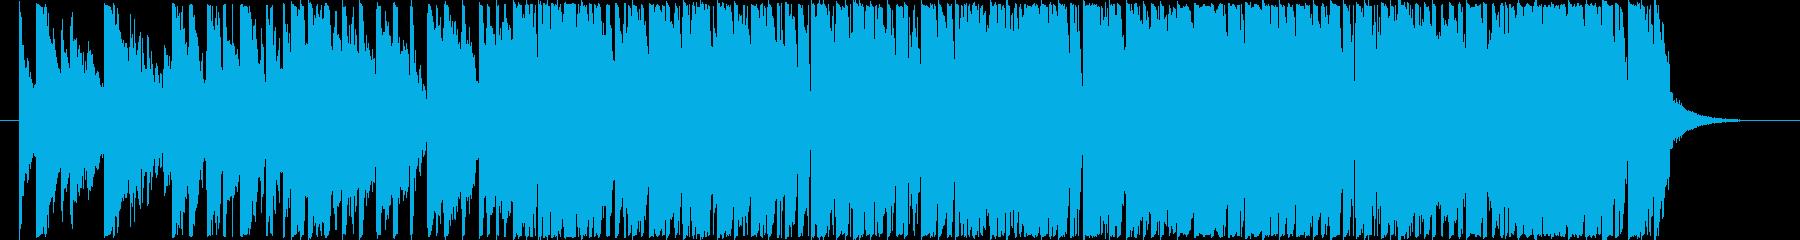 煌びやかなピアノ音色入りテクノポップの再生済みの波形